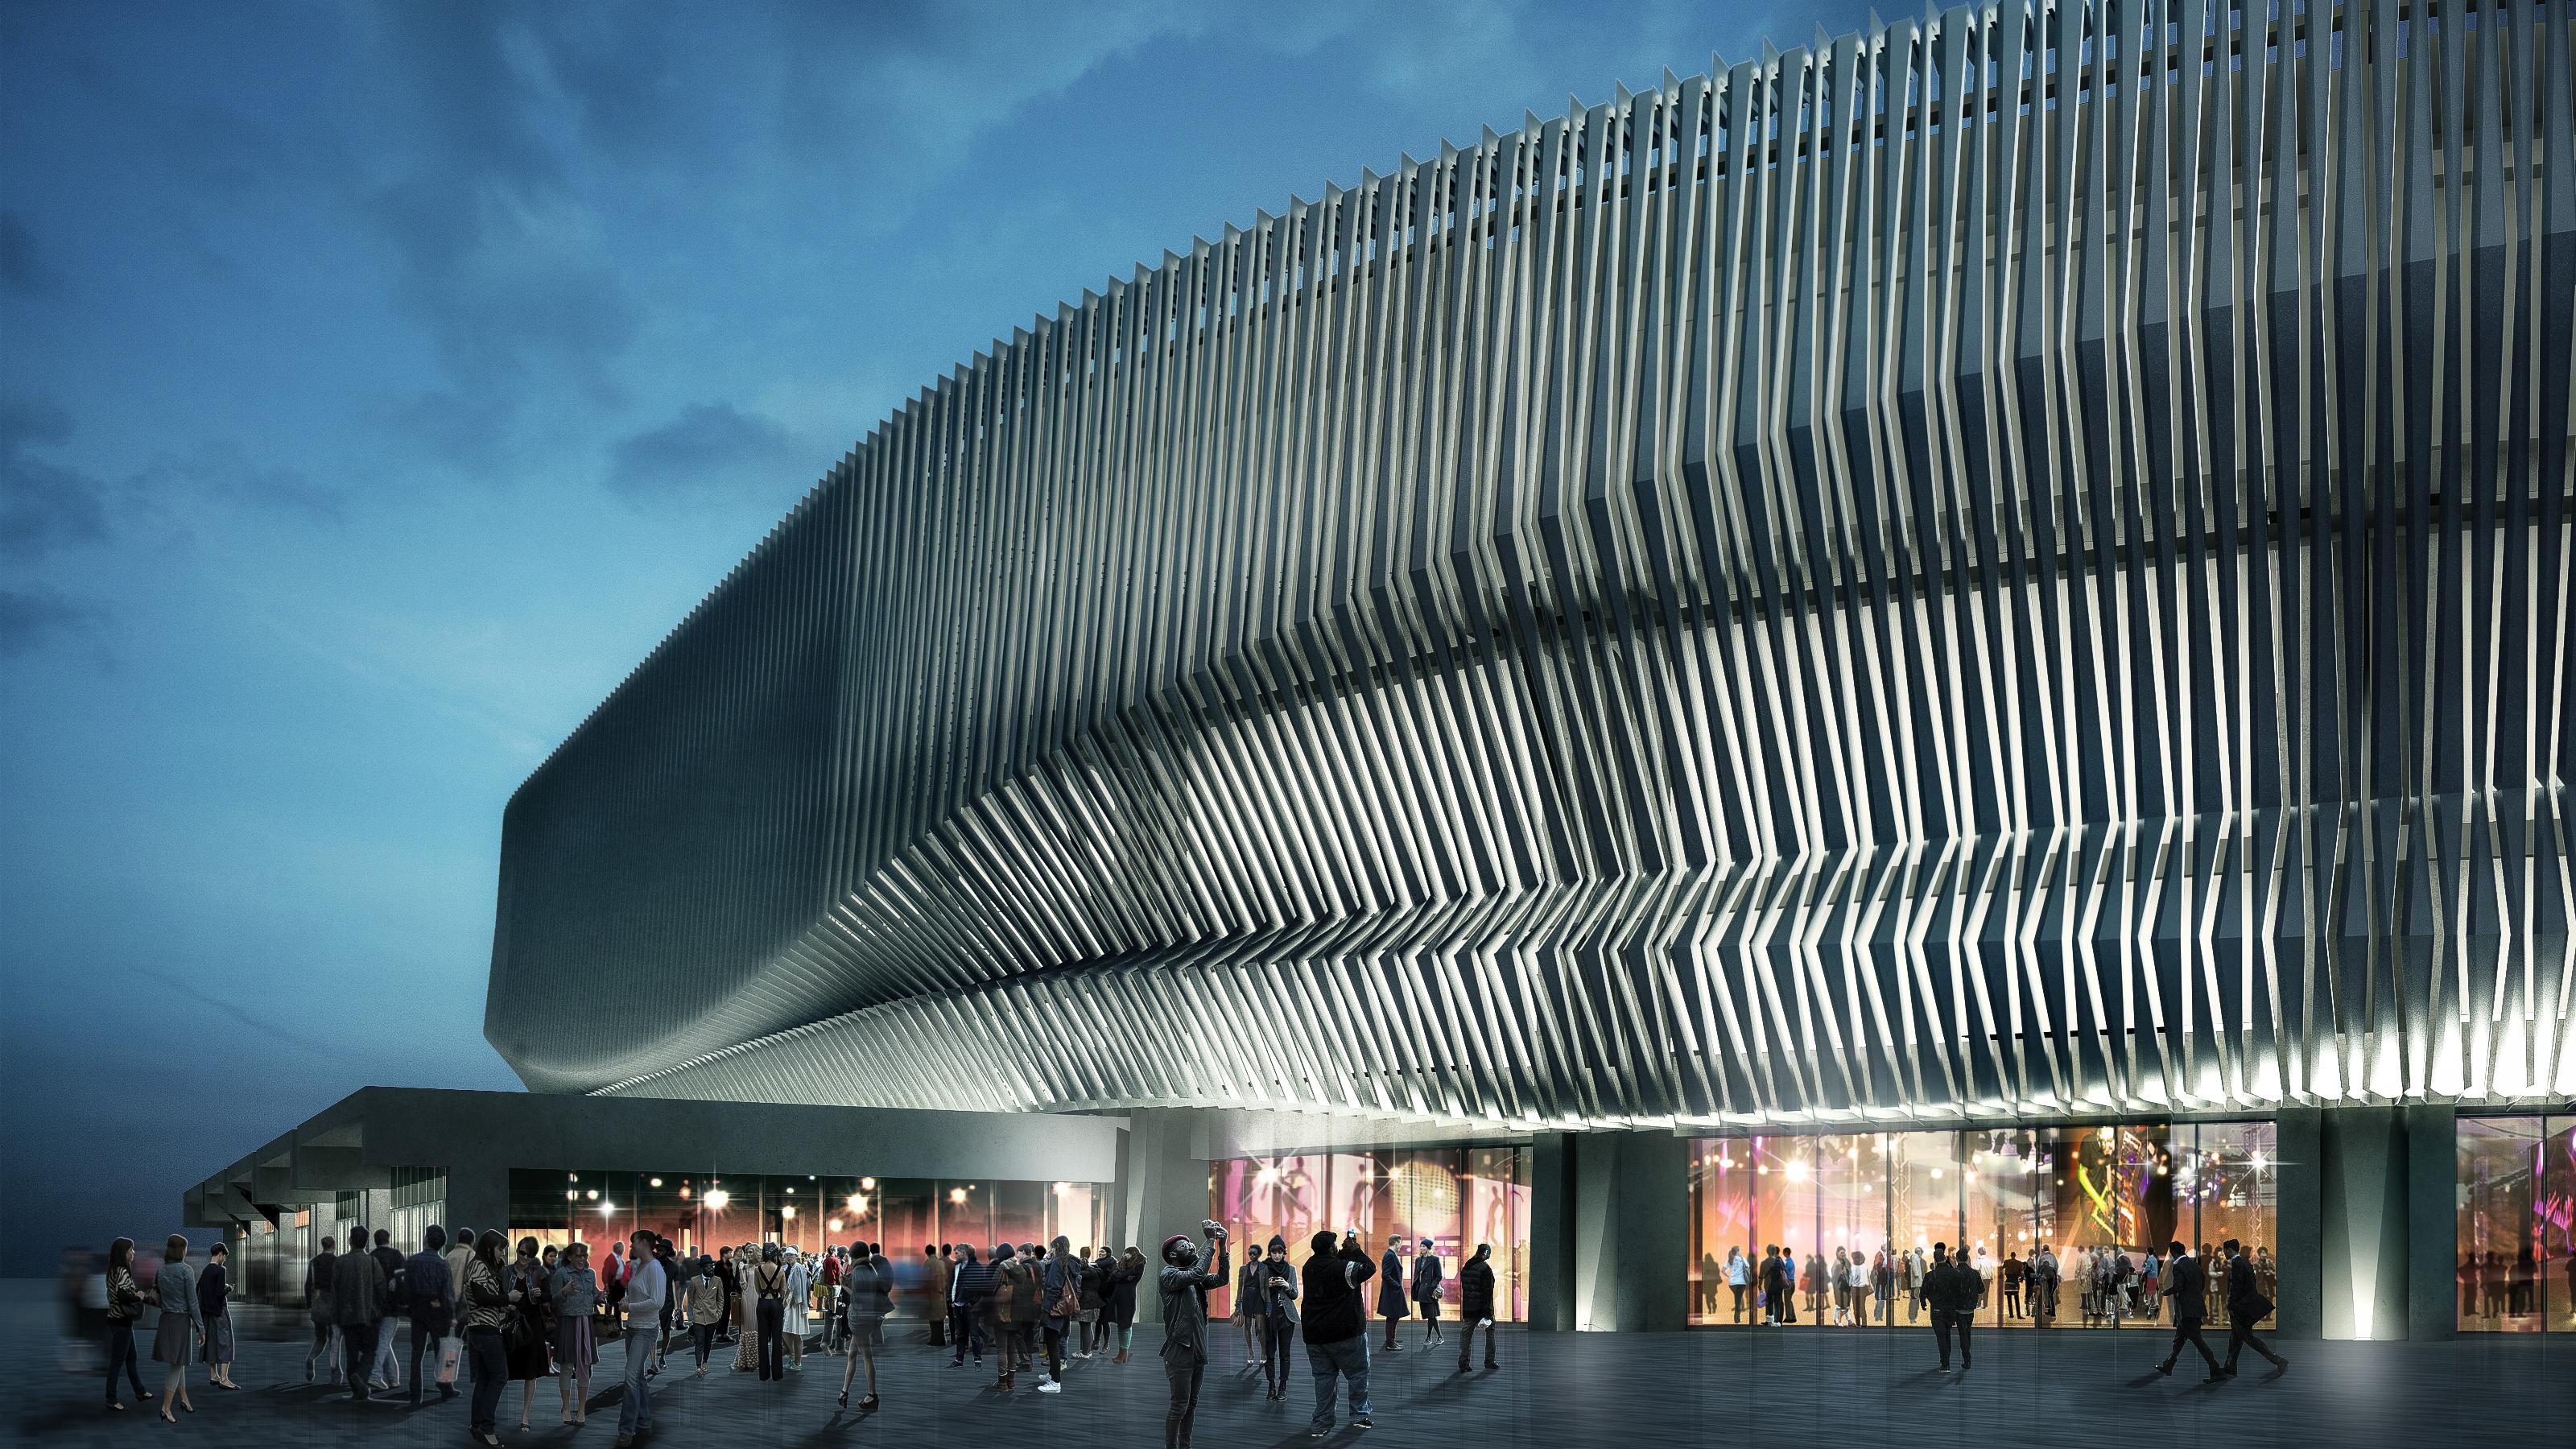 Nassau Coliseum rendering